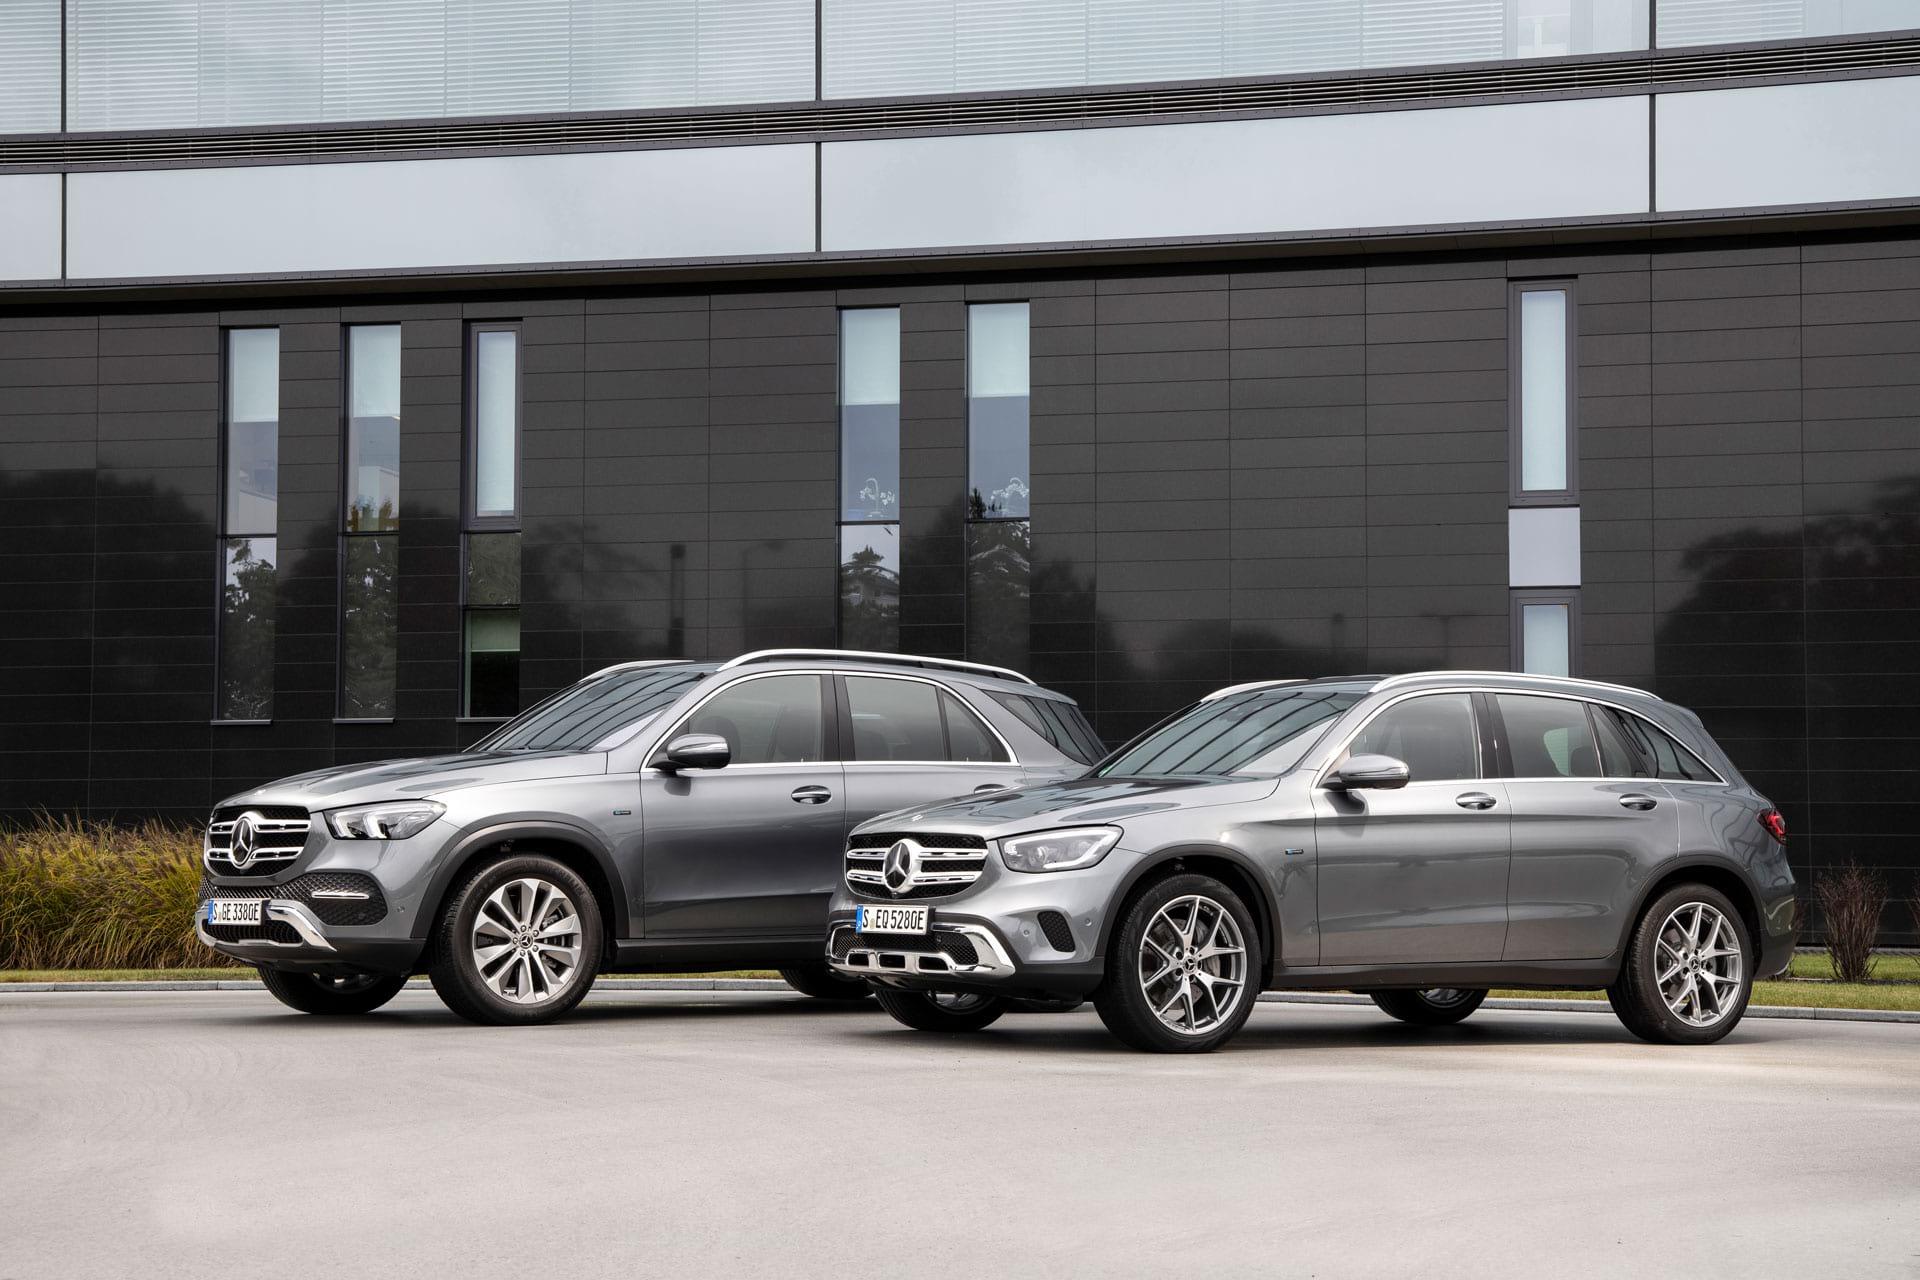 Mercedes-Benz GLE 350 і GLC 300: плагін-гібриди третього покоління